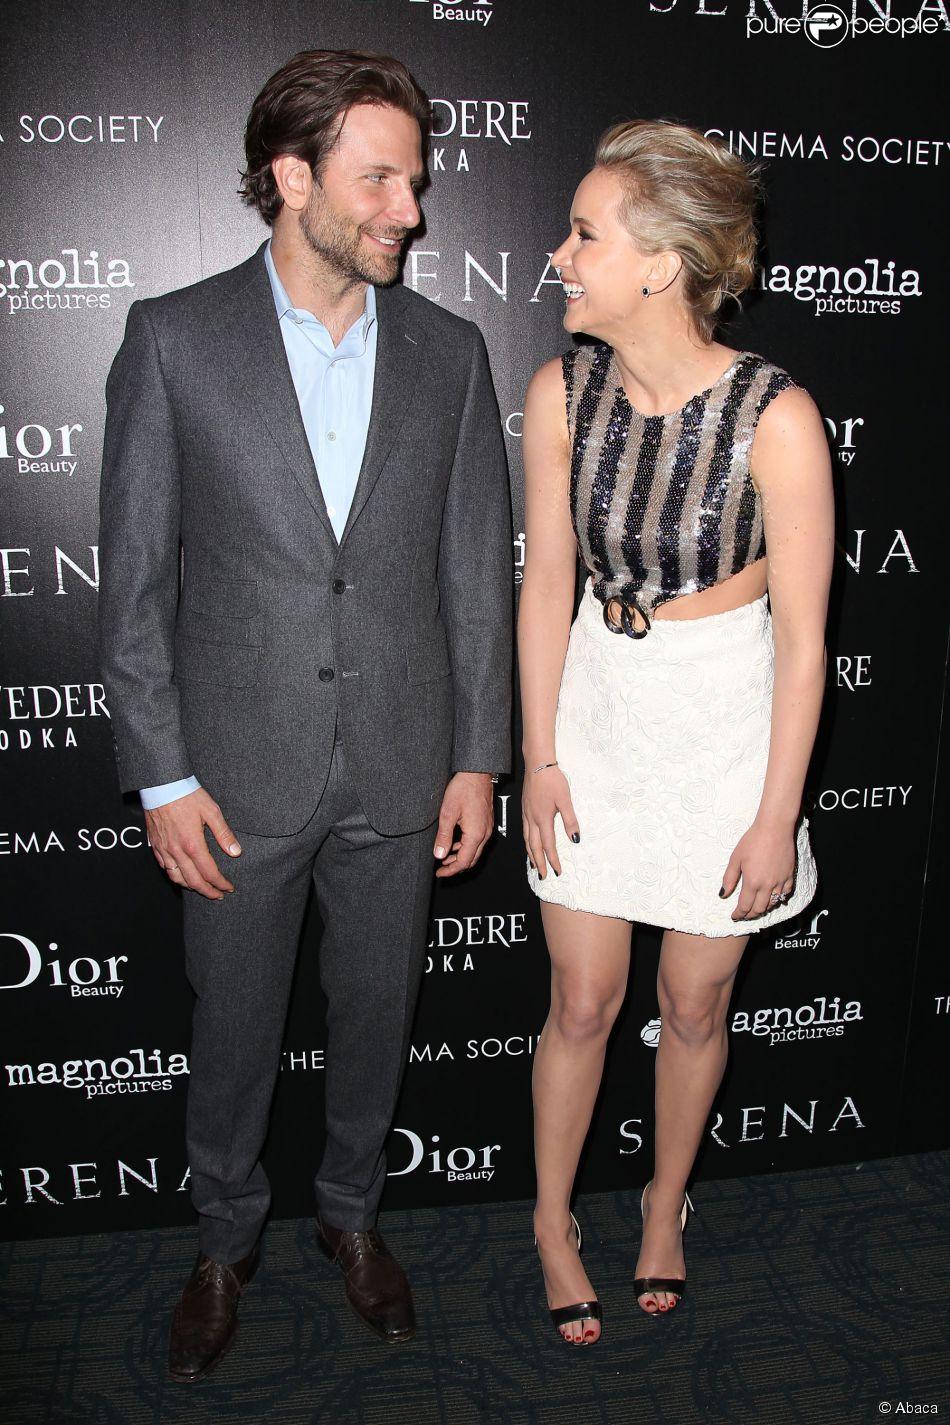 """Jennifer Lawrence, Bradley Cooper à la projection de """"Serena"""" au Magnolia Pictures & The Cinema Society à New York, le 21 mars 2015"""